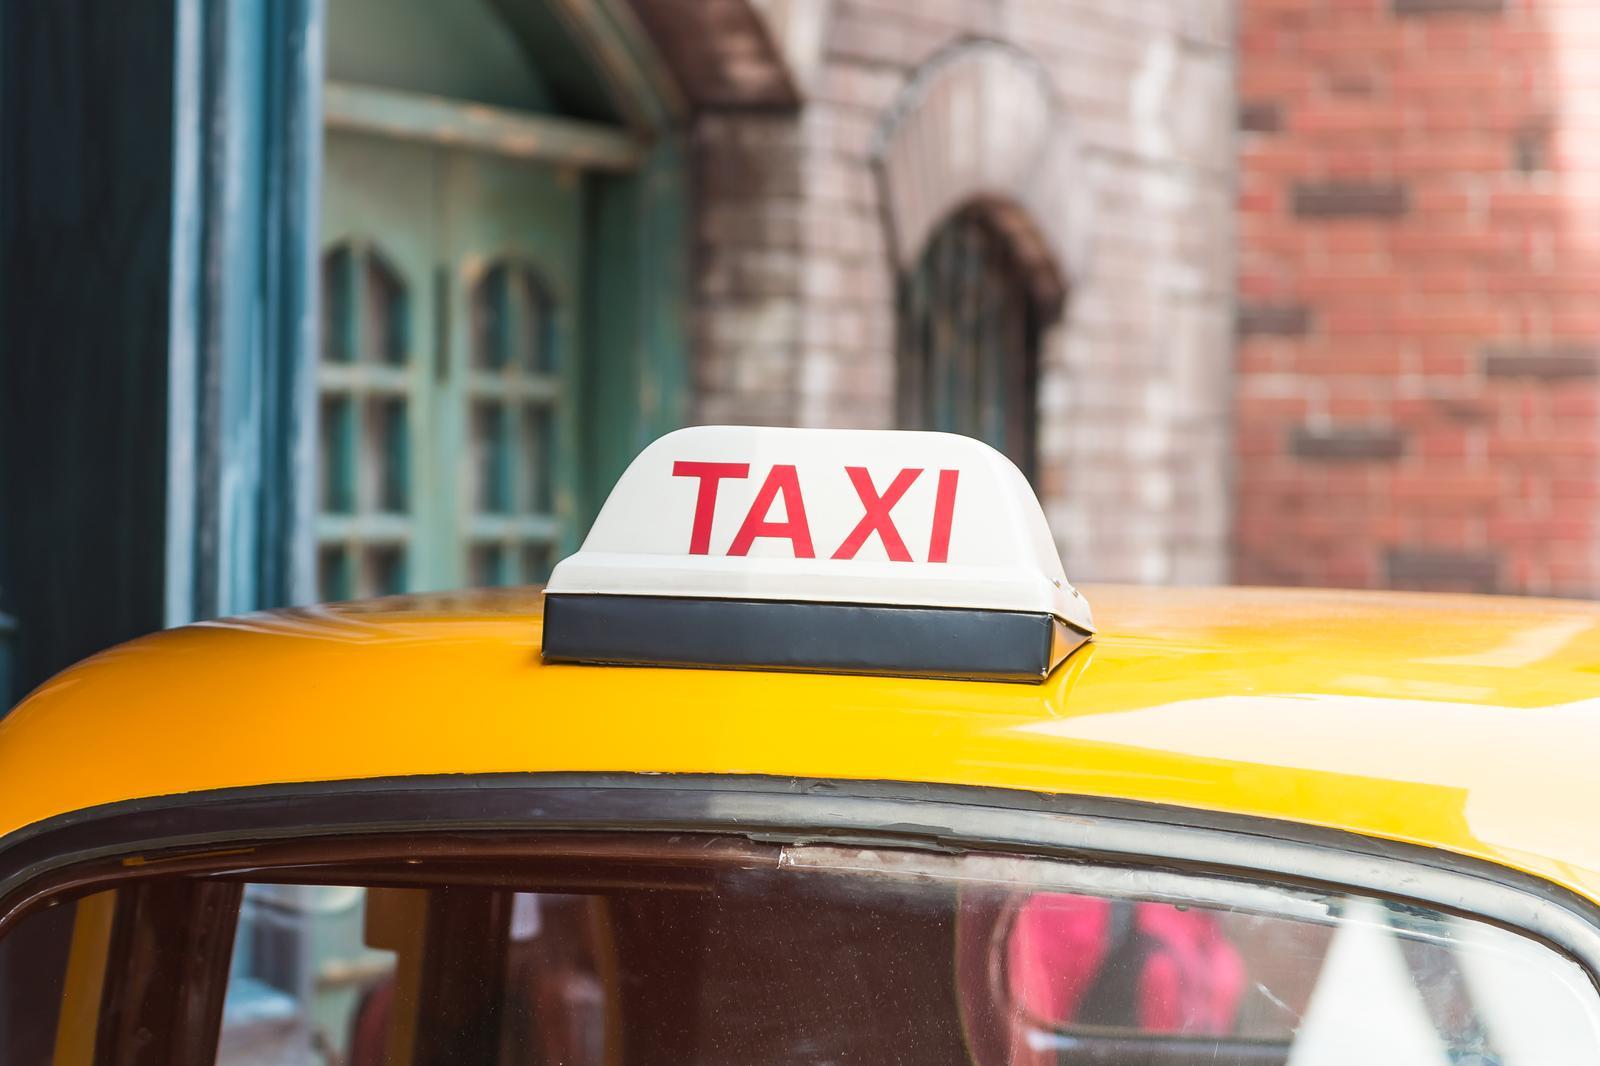 Taxi operation in Estonia